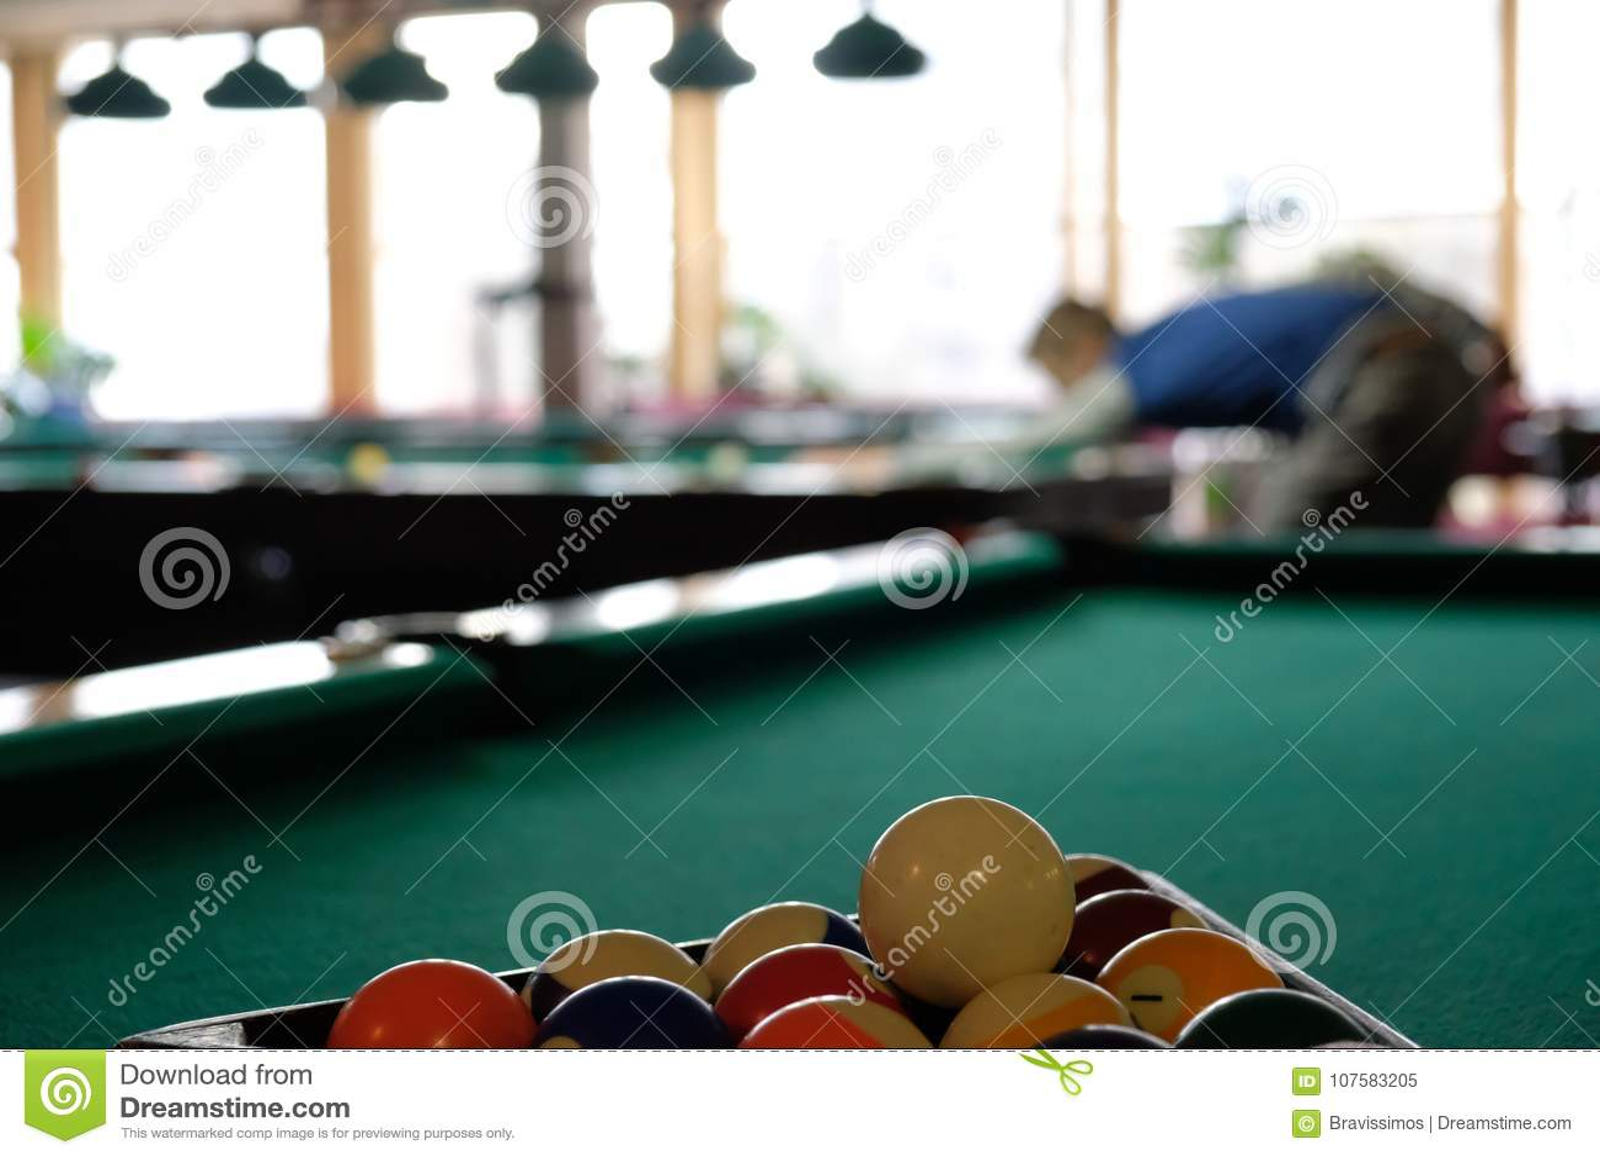 Poolbillard Spielen